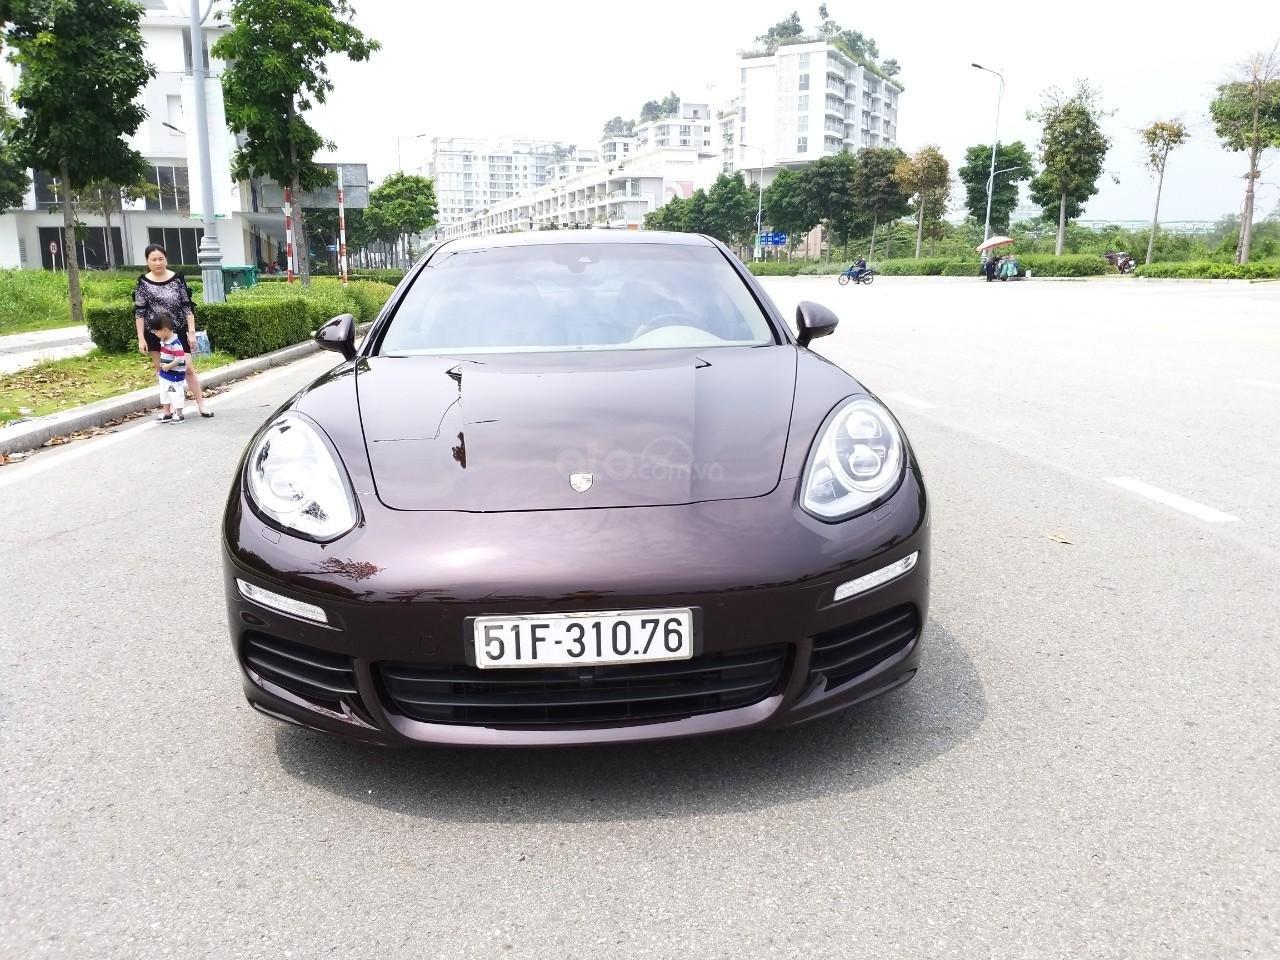 Porsche Panamera, nhà trùm mền, cực mới 99% như xe thùng, không có chiếc thứ 2 mới được vậy, Full option hãng 1 tỷ, bán rẻ 3 tỷ 450 (14)